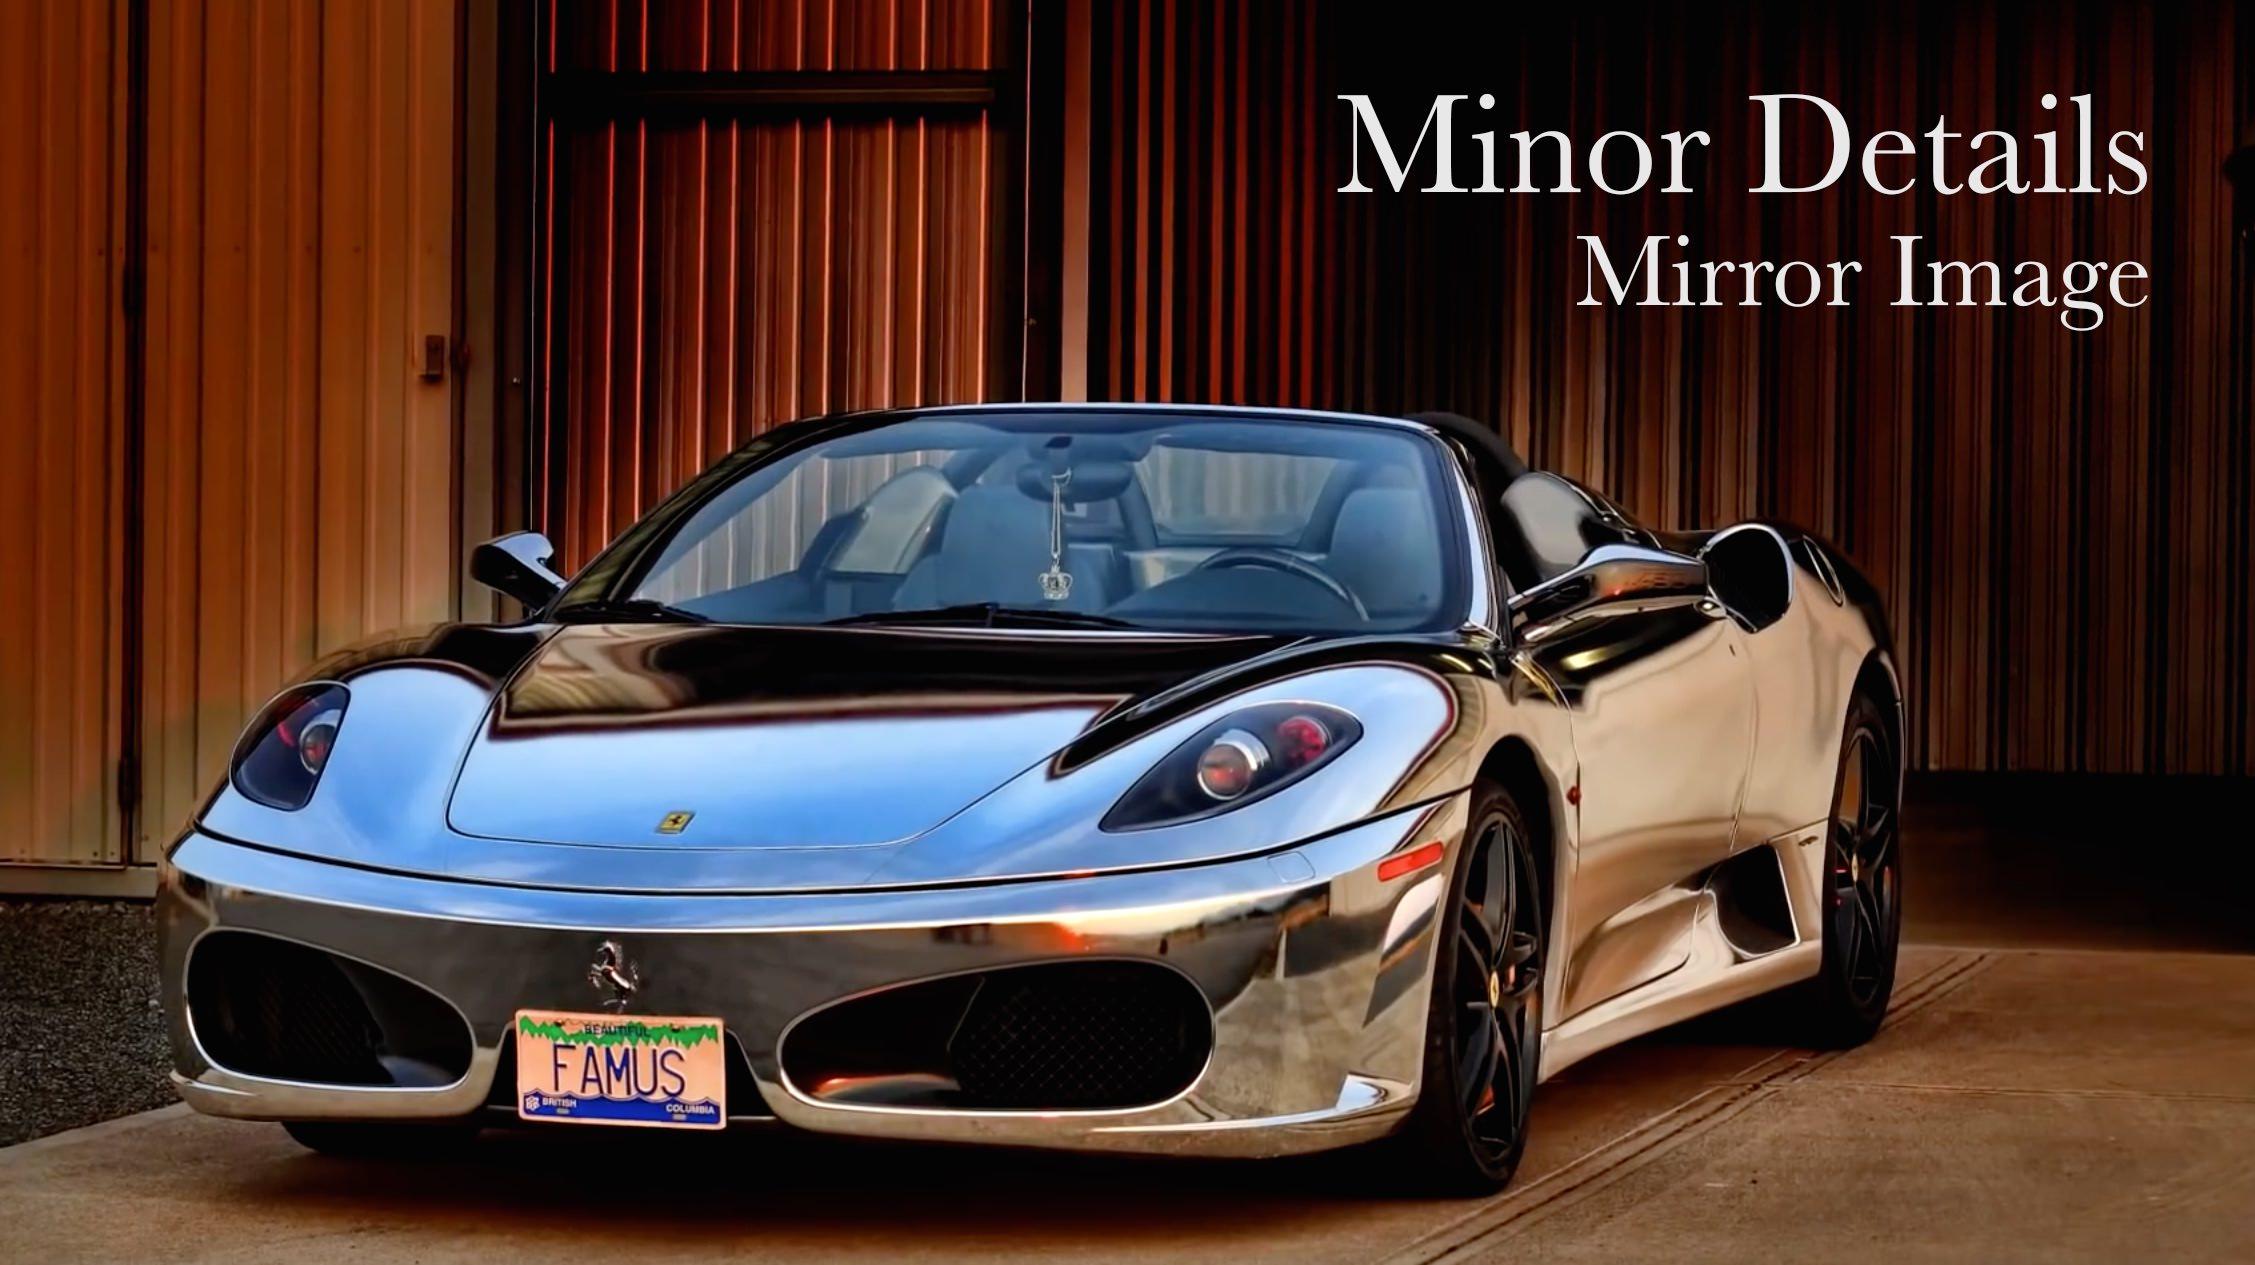 Minor Details: Mirror Image